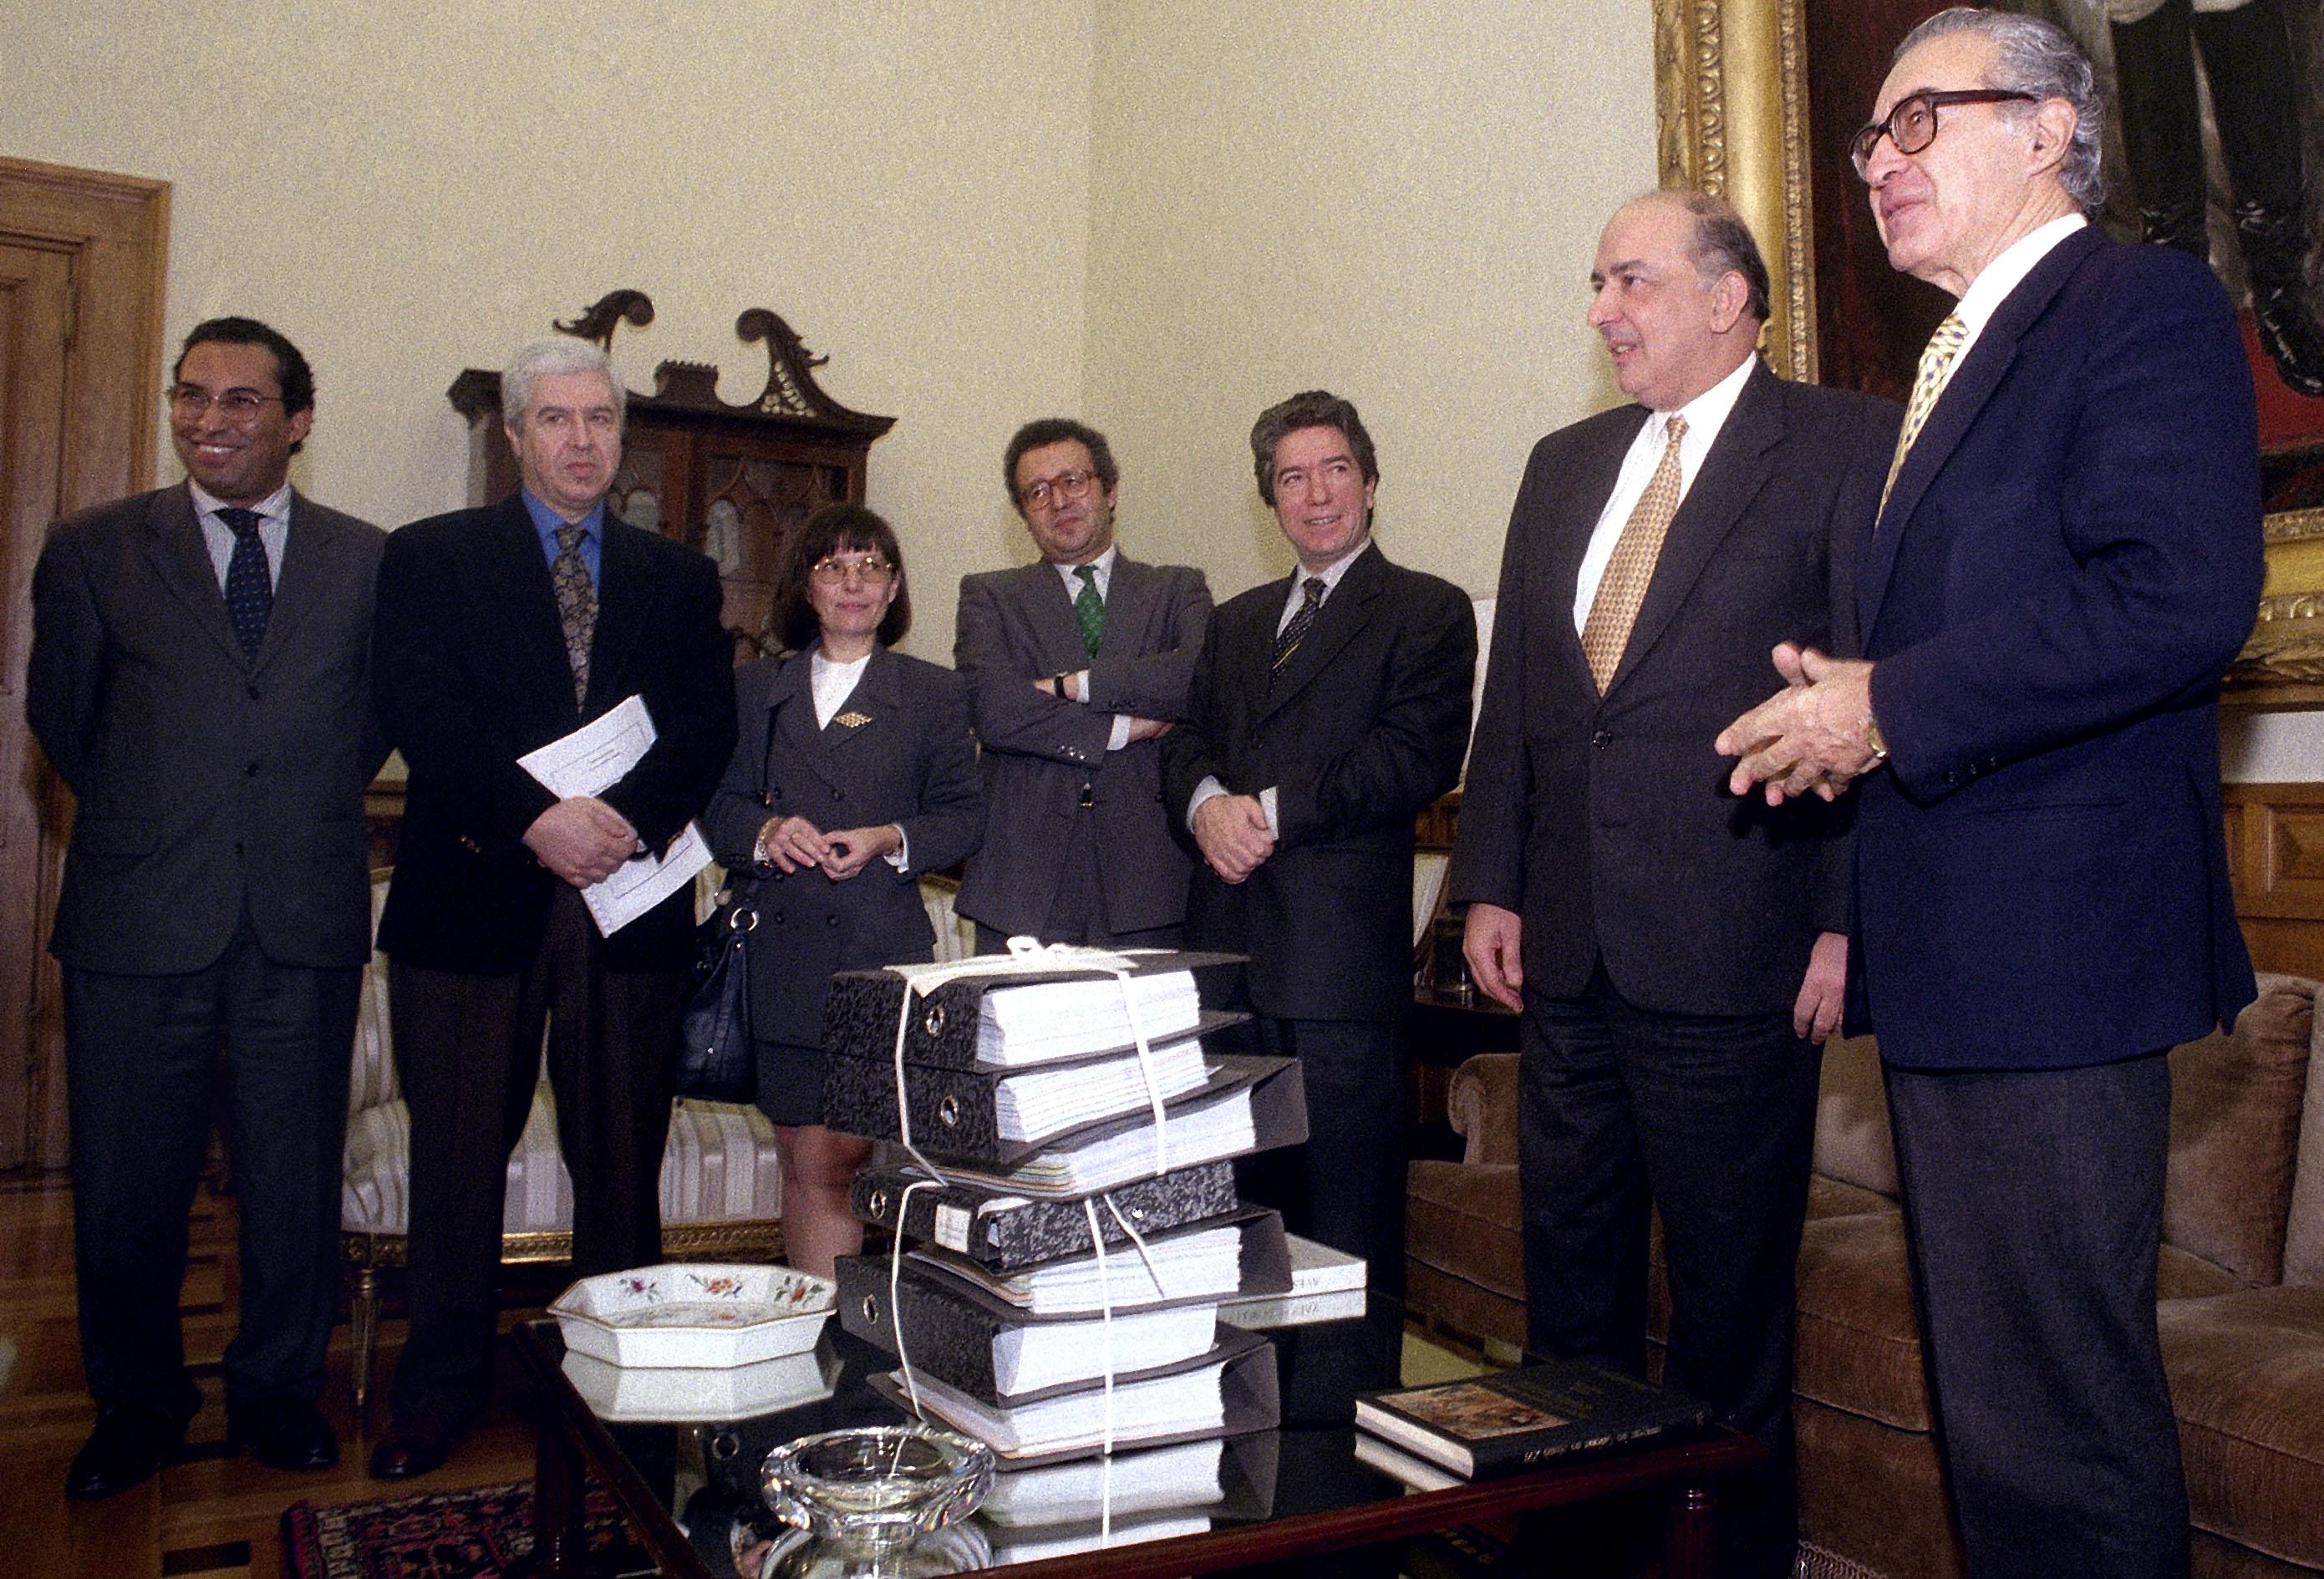 Ministro da Finanças, Sousa Franco entrega o orçamento de estado na Assembleia da República, Lisboa, 12 de Fevereiro de 1996. ANTÓNIO COTRIM/LUSA